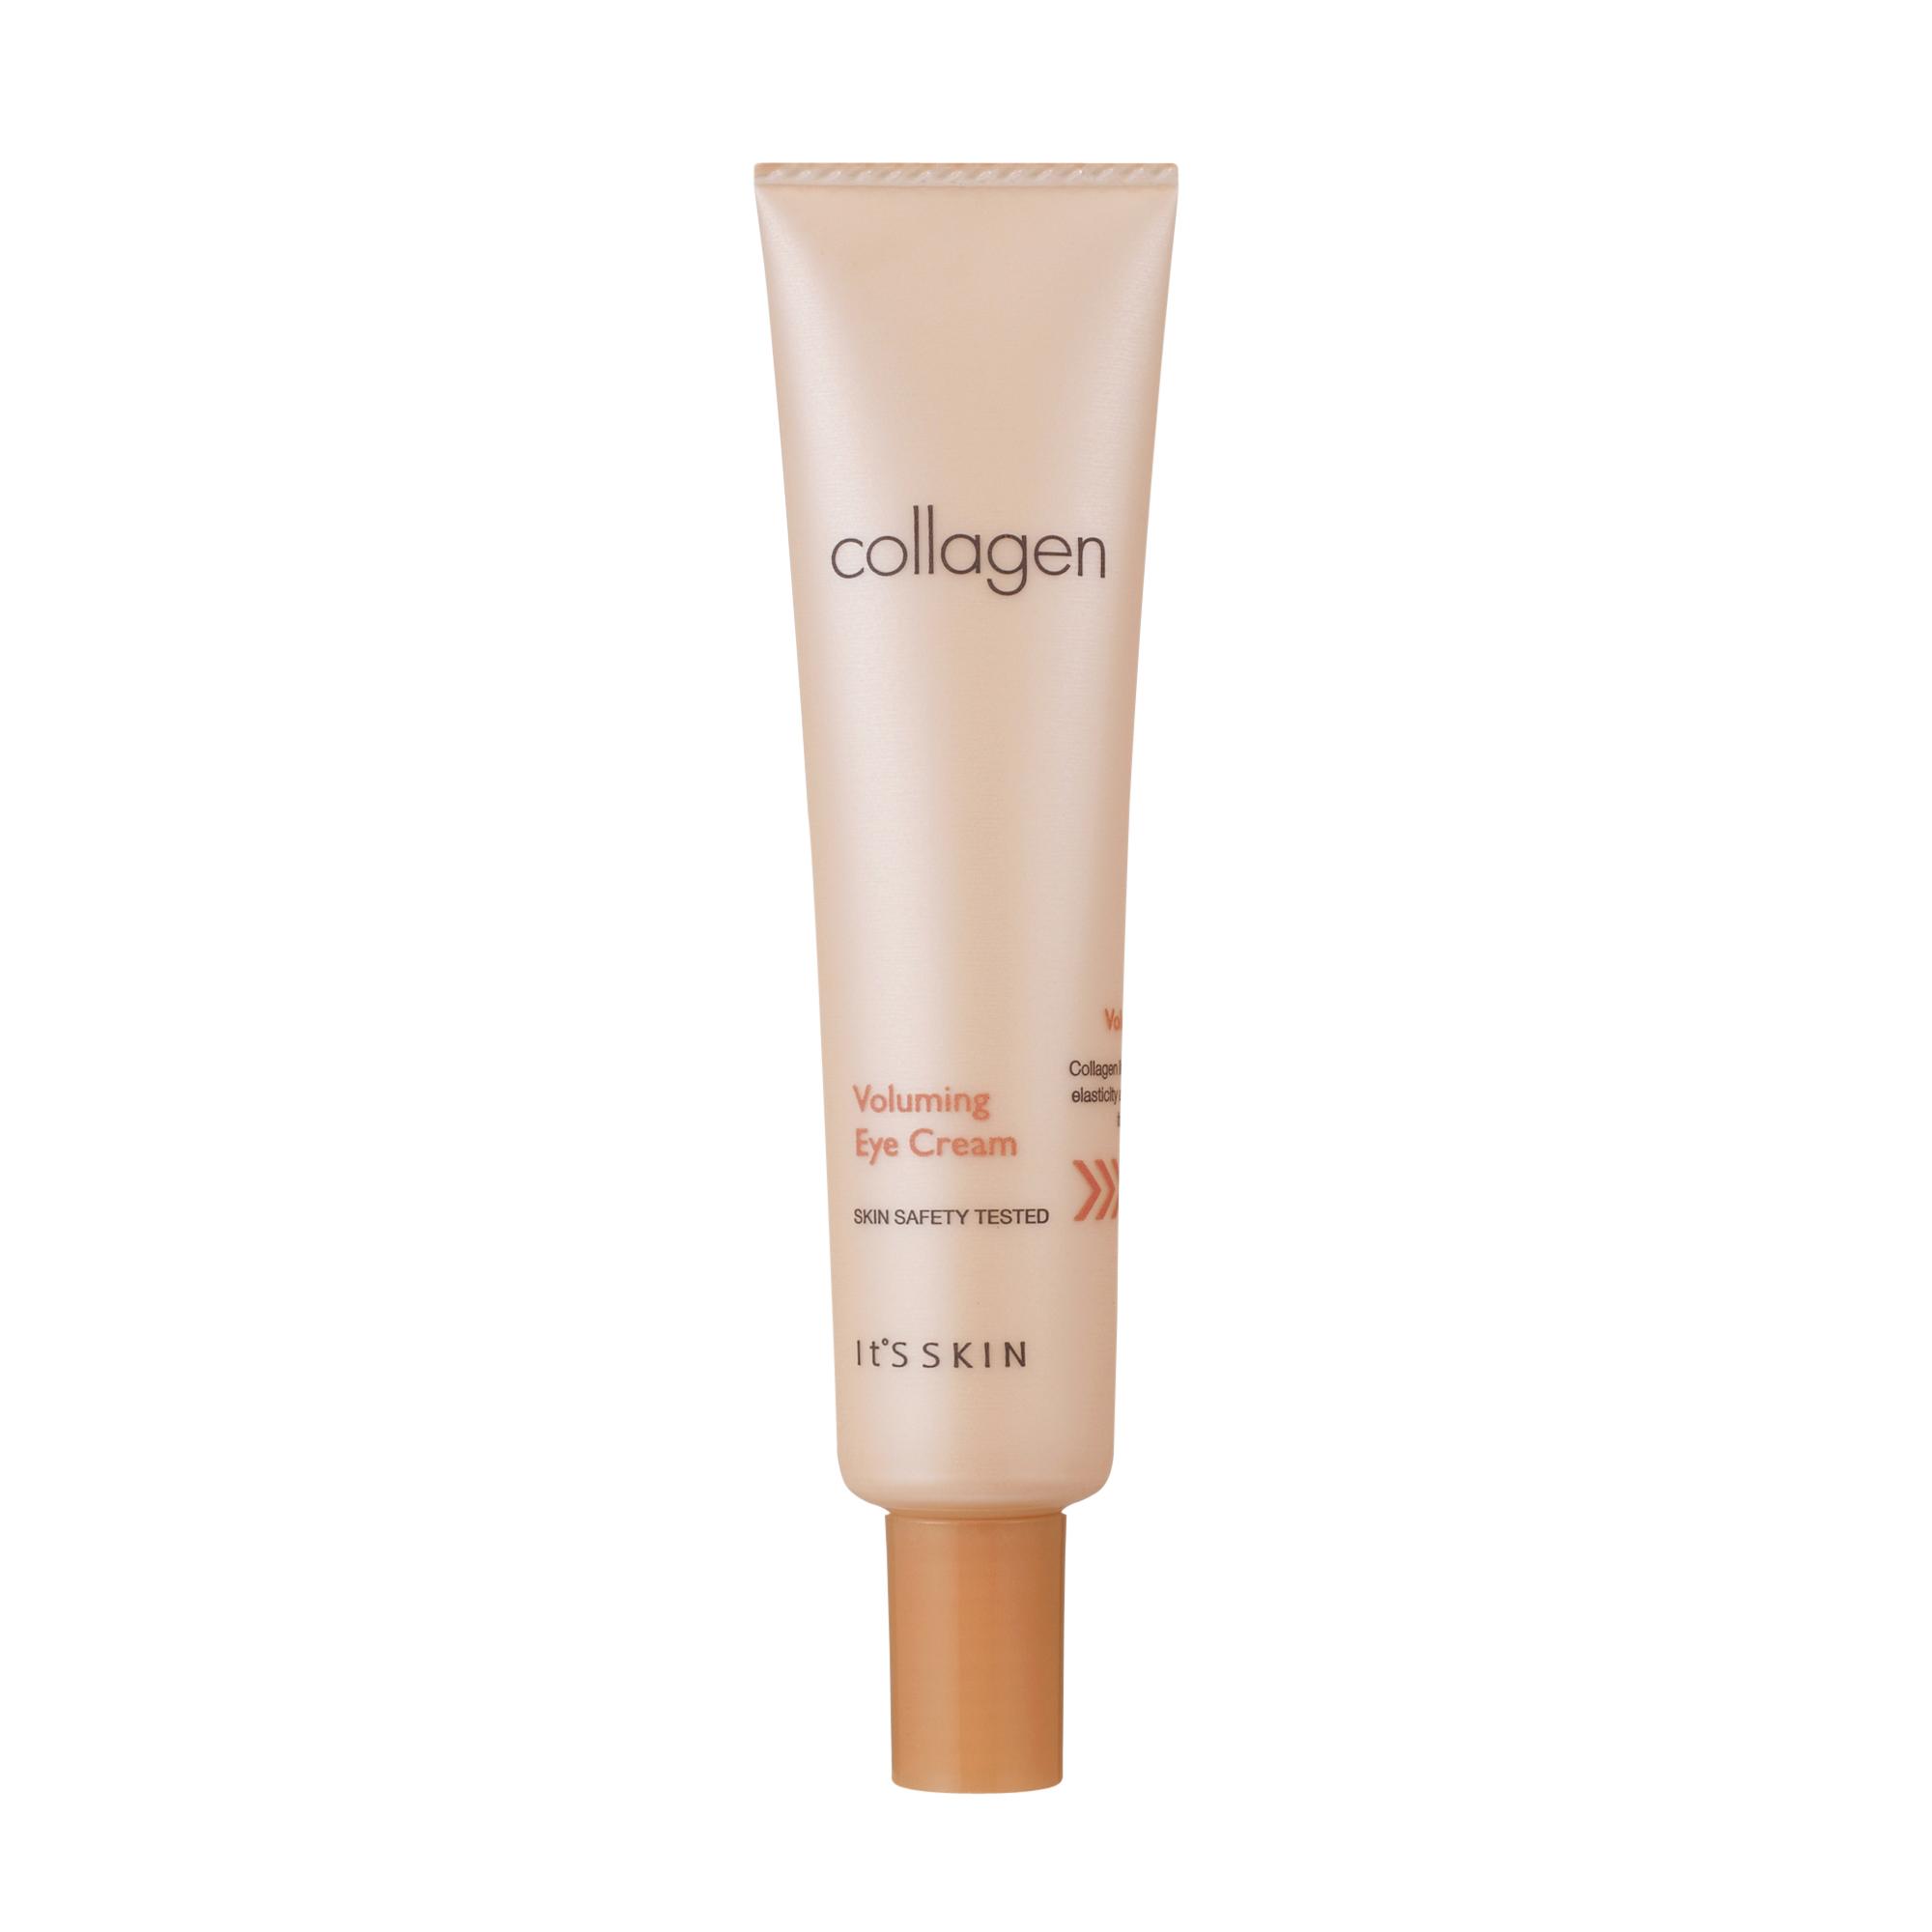 Collagen Voluming Eye Cream